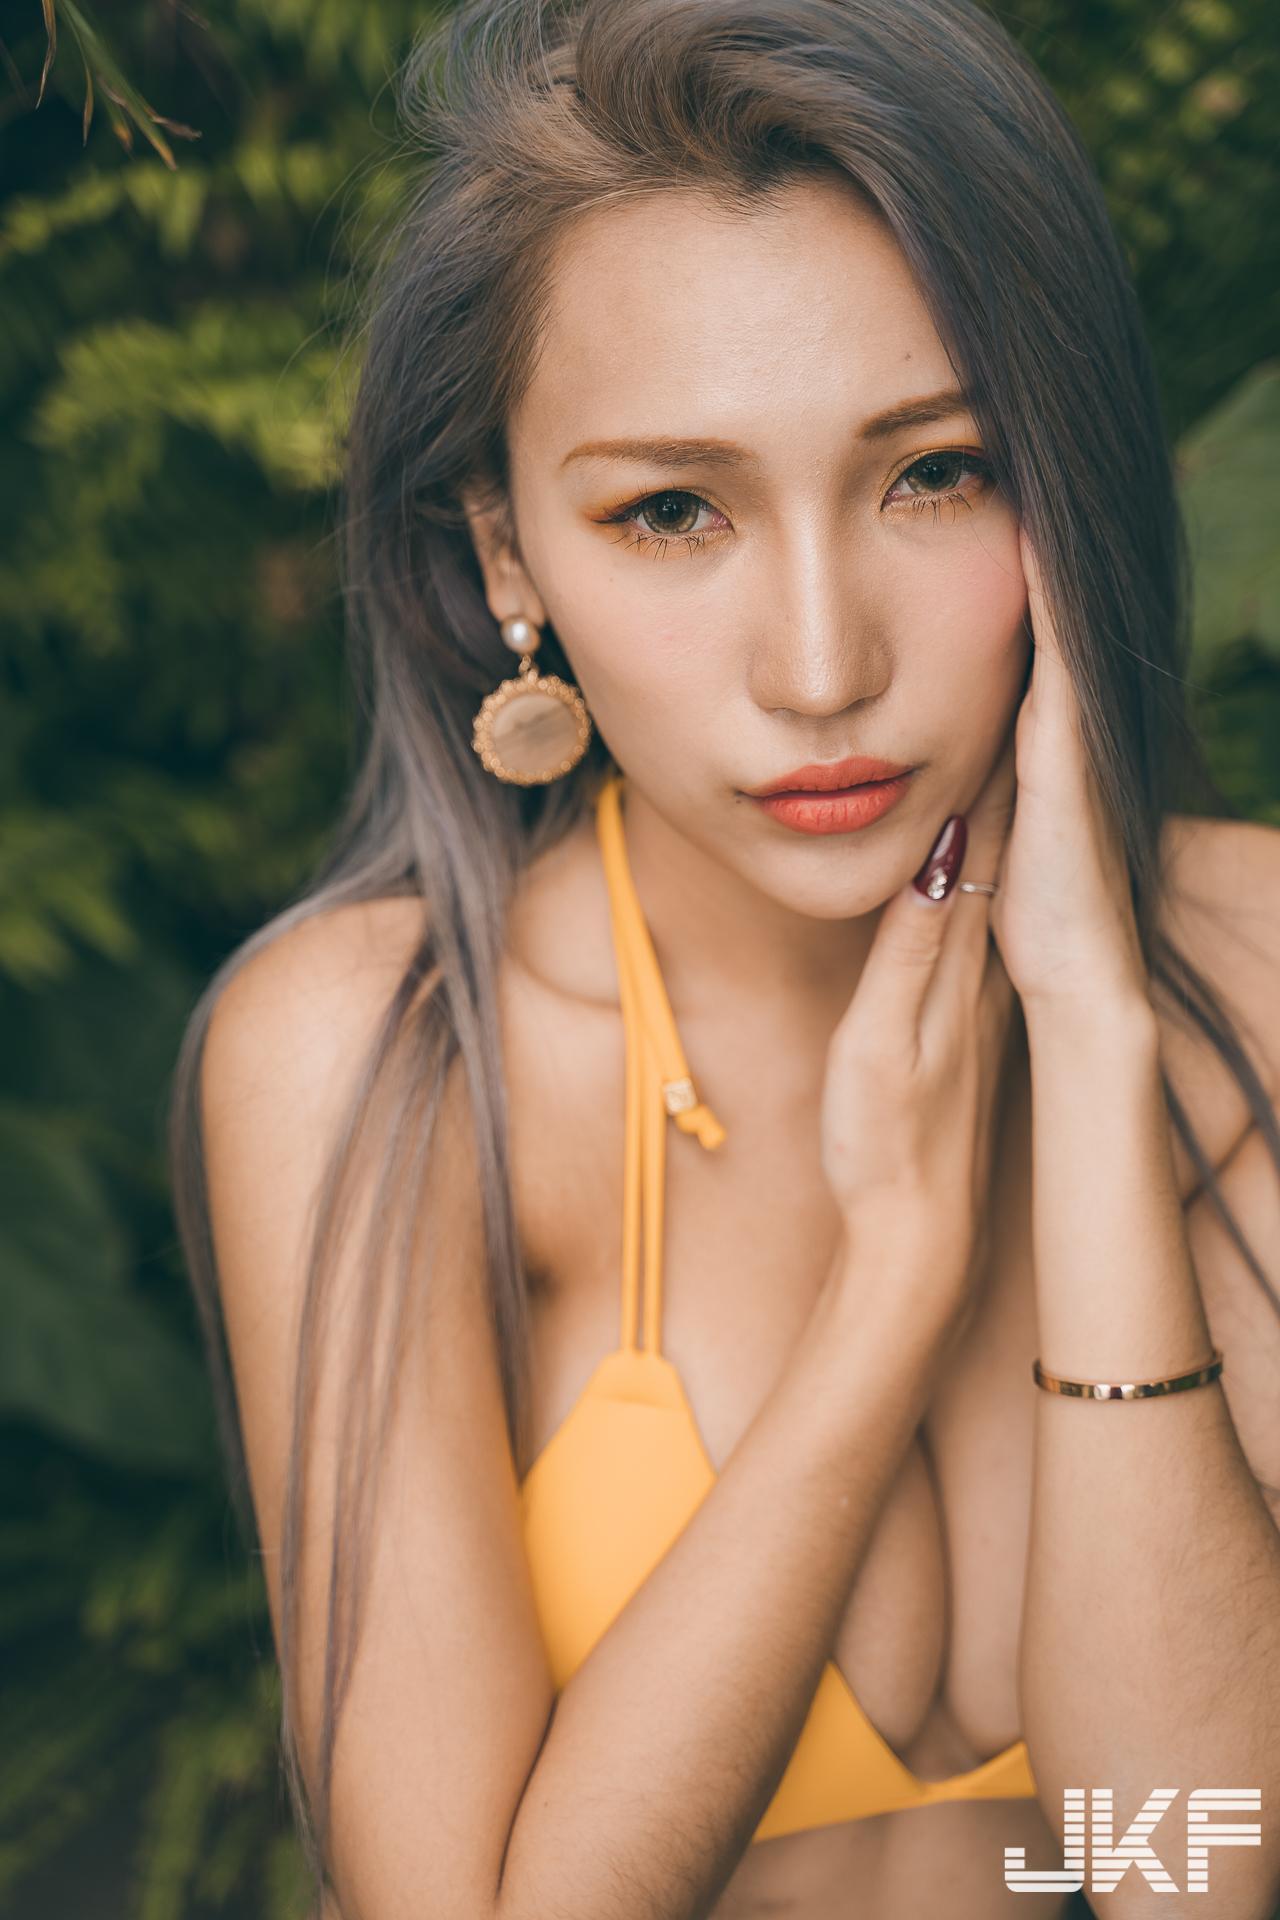 34G is hot! Taiwanese Girl Yun Yun Bikini photos